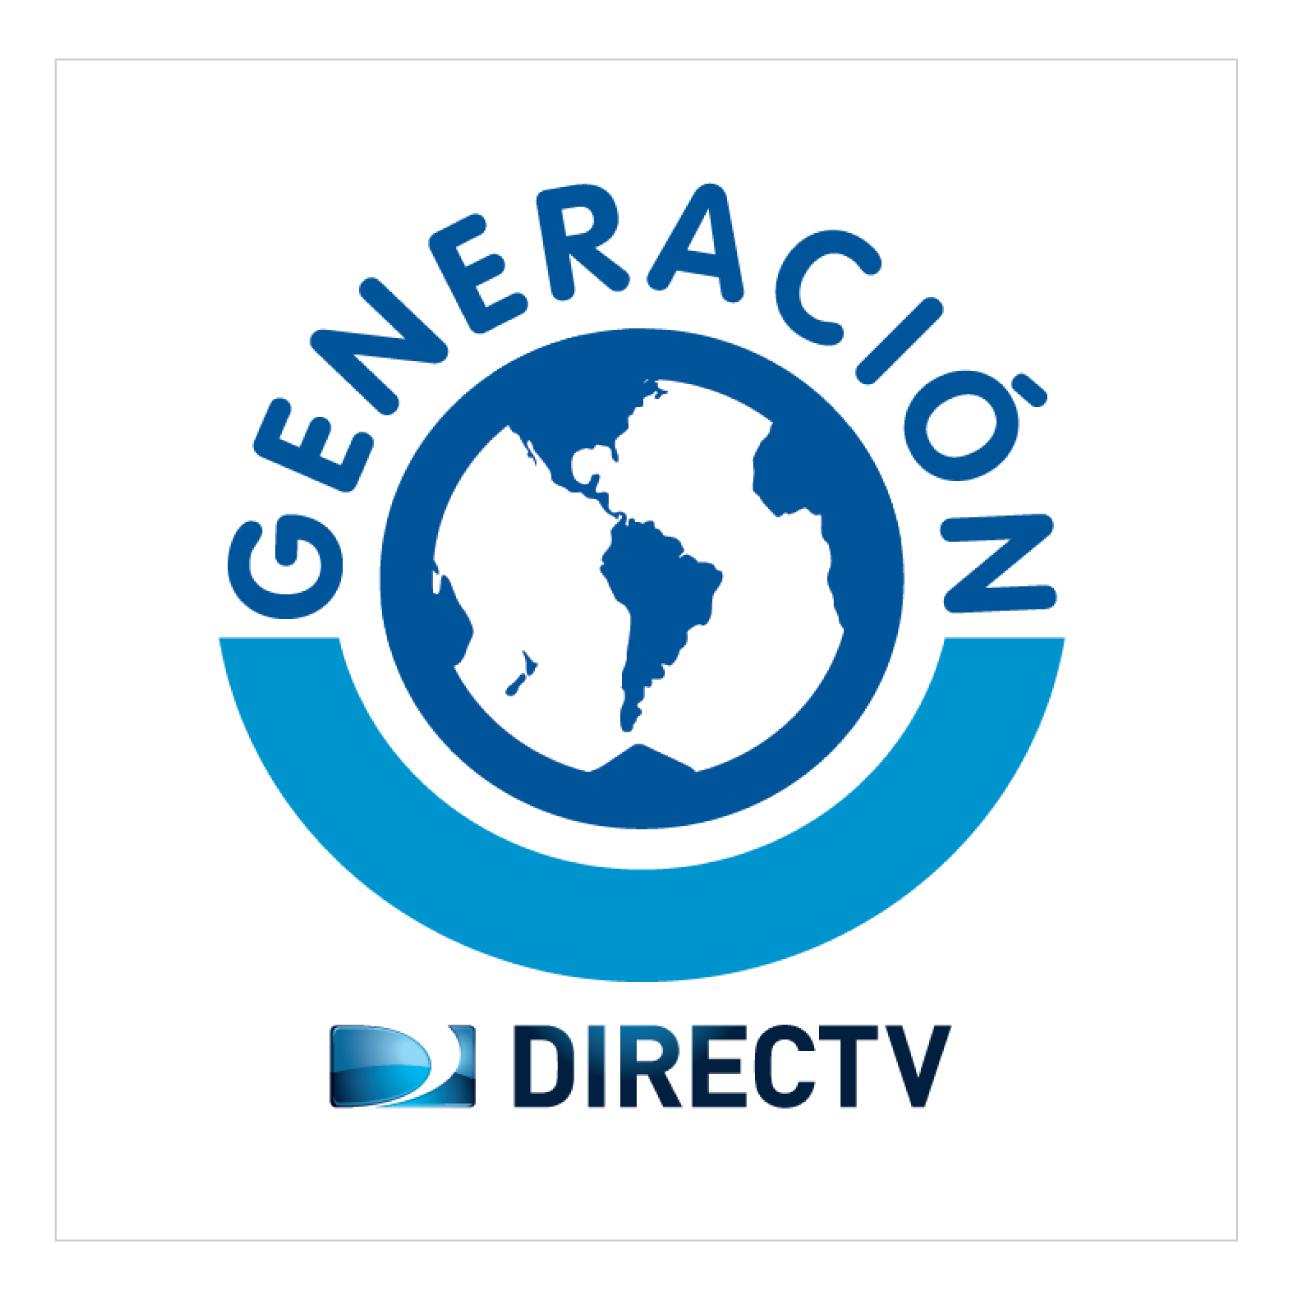 Logotipo 004 Generación DirecTv.png